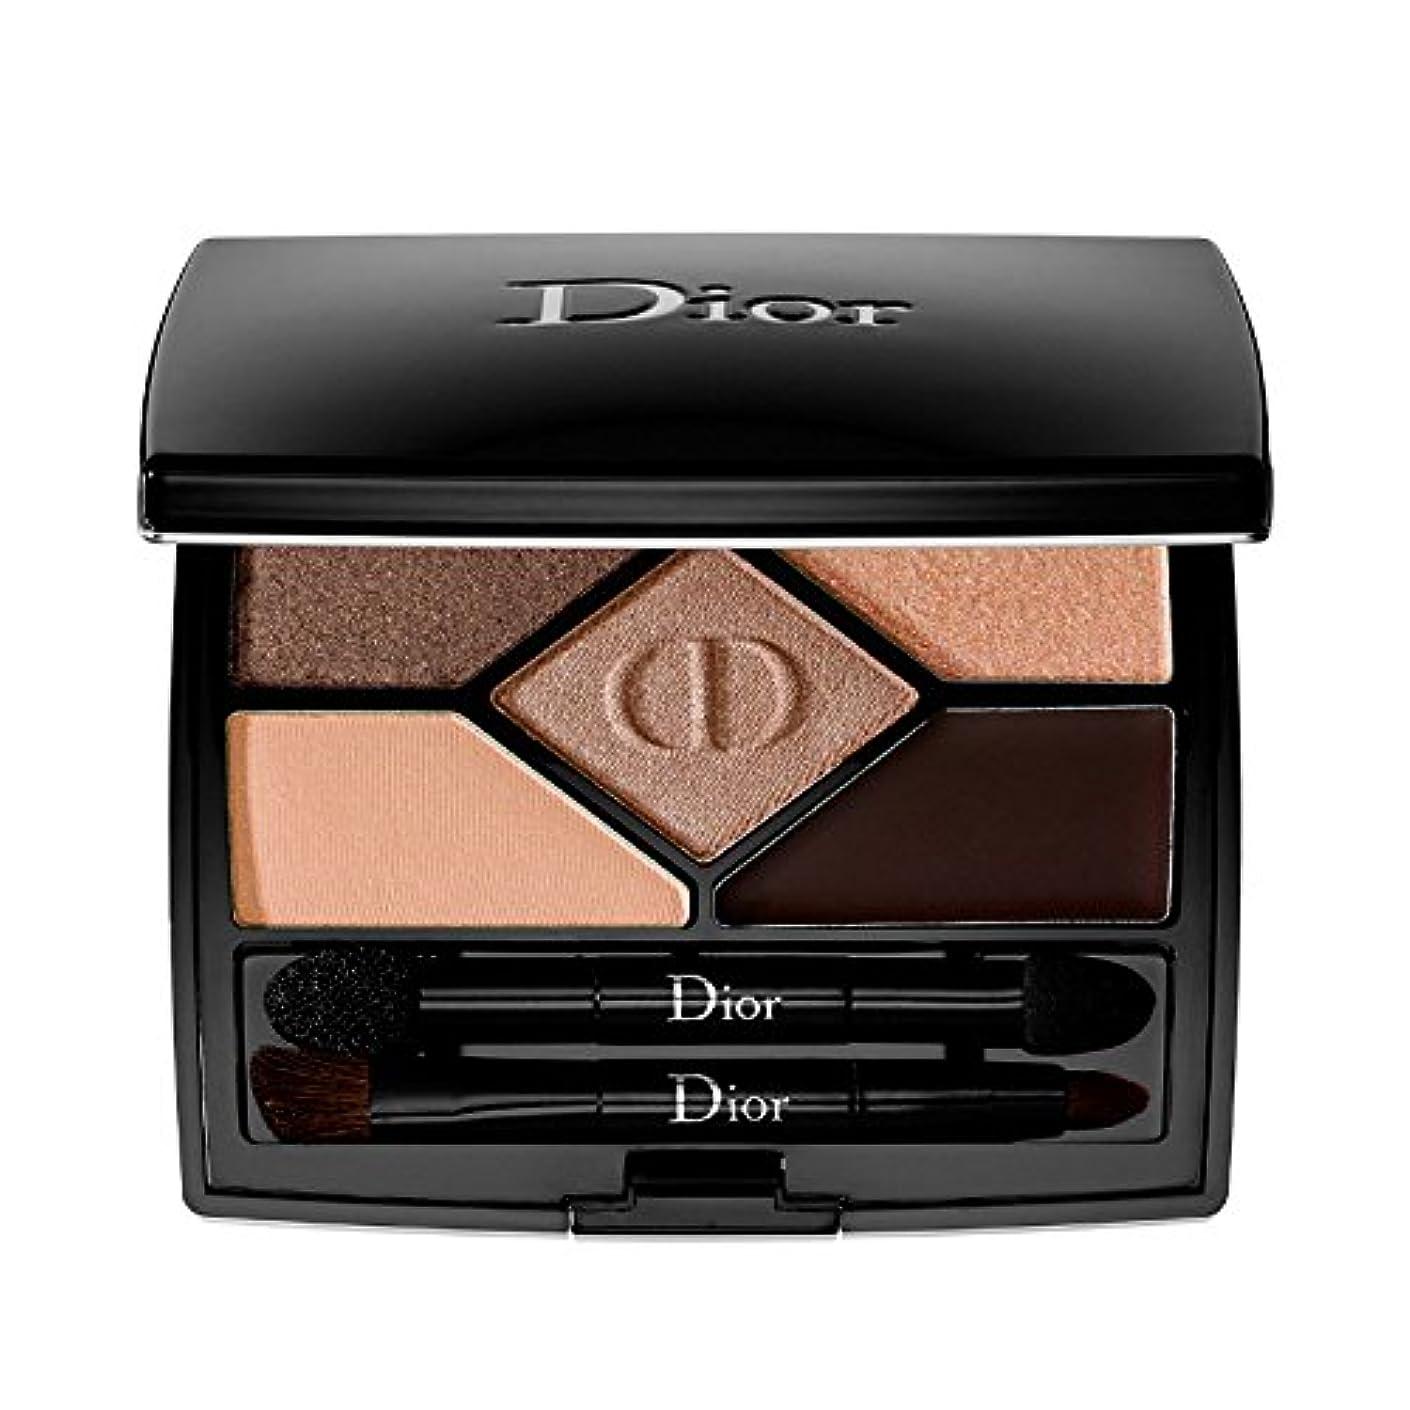 聖職者傷つける厚さクリスチャン ディオール(Christian Dior) サンク クルール デザイナー #708 アンバー デザイン 5.7g[並行輸入品]